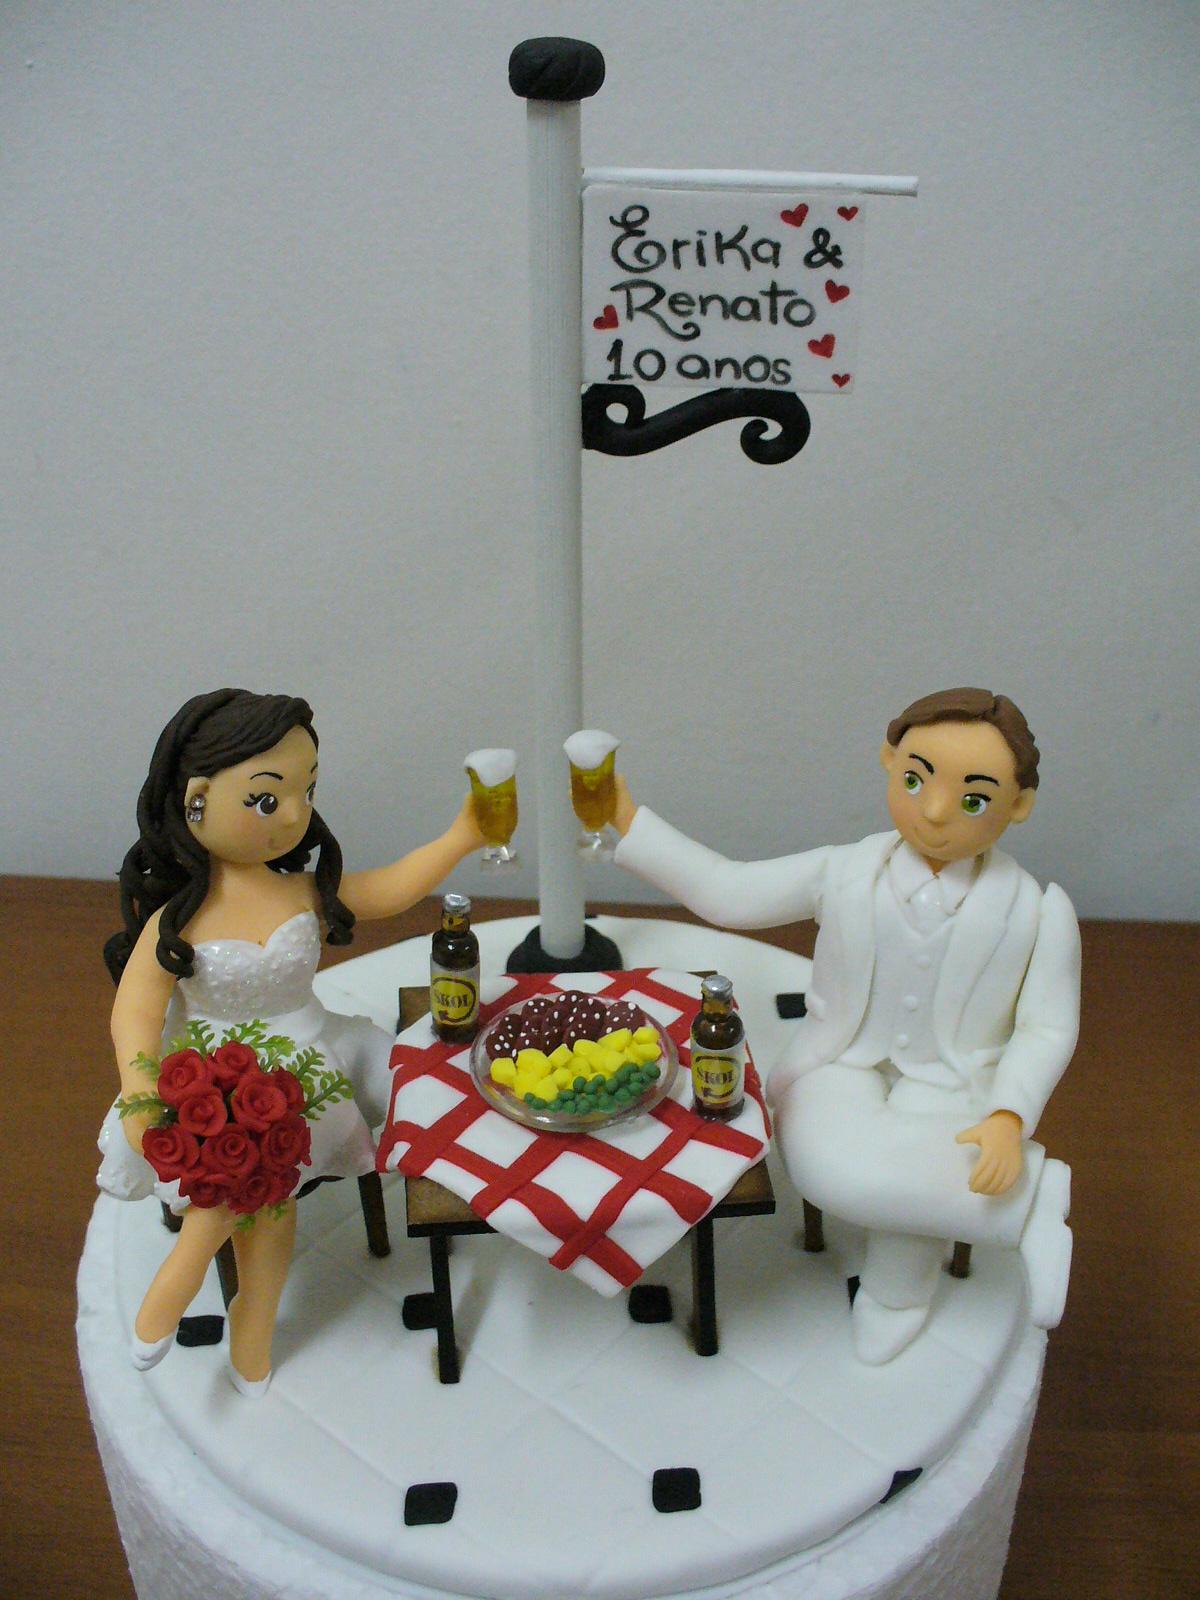 topo de bolo 10 anos de casados no elo7 lourdes artesanato em